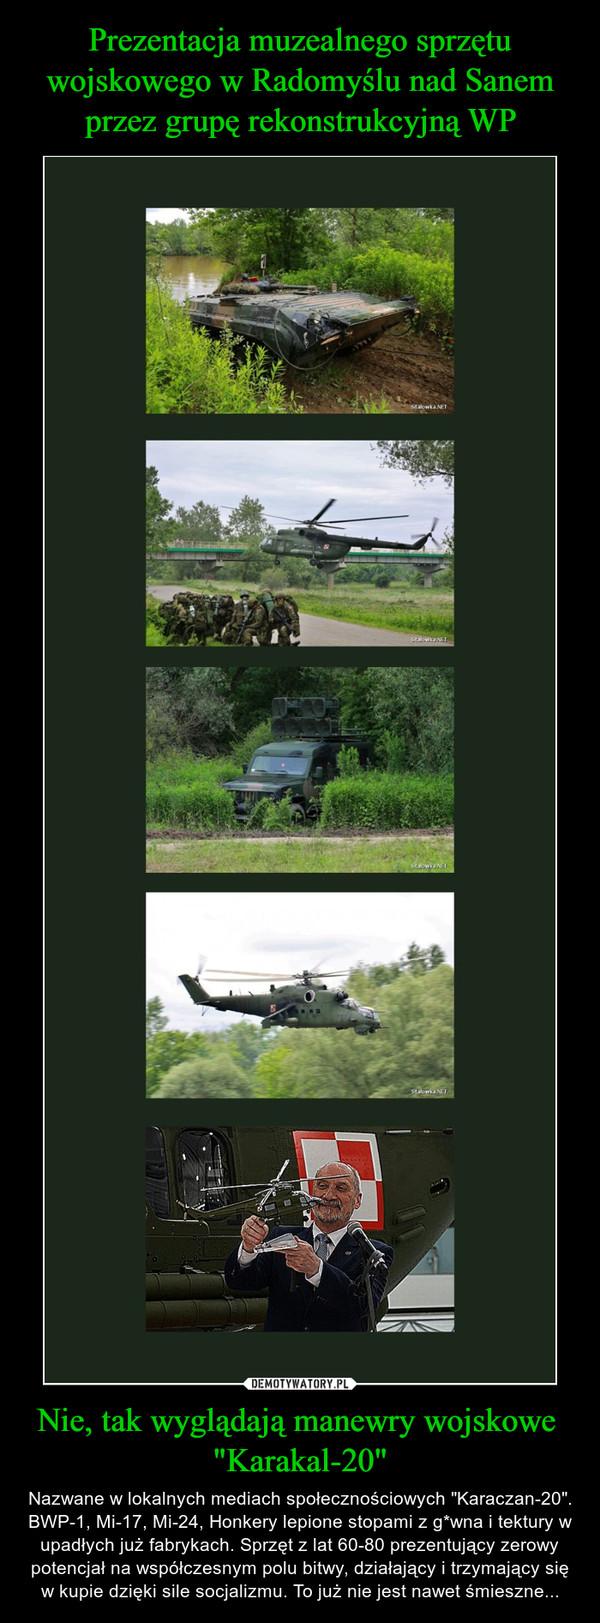 """Nie, tak wyglądają manewry wojskowe  """"Karakal-20"""" – Nazwane w lokalnych mediach społecznościowych """"Karaczan-20"""". BWP-1, Mi-17, Mi-24, Honkery lepione stopami z g*wna i tektury w upadłych już fabrykach. Sprzęt z lat 60-80 prezentujący zerowy potencjał na współczesnym polu bitwy, działający i trzymający się w kupie dzięki sile socjalizmu. To już nie jest nawet śmieszne..."""